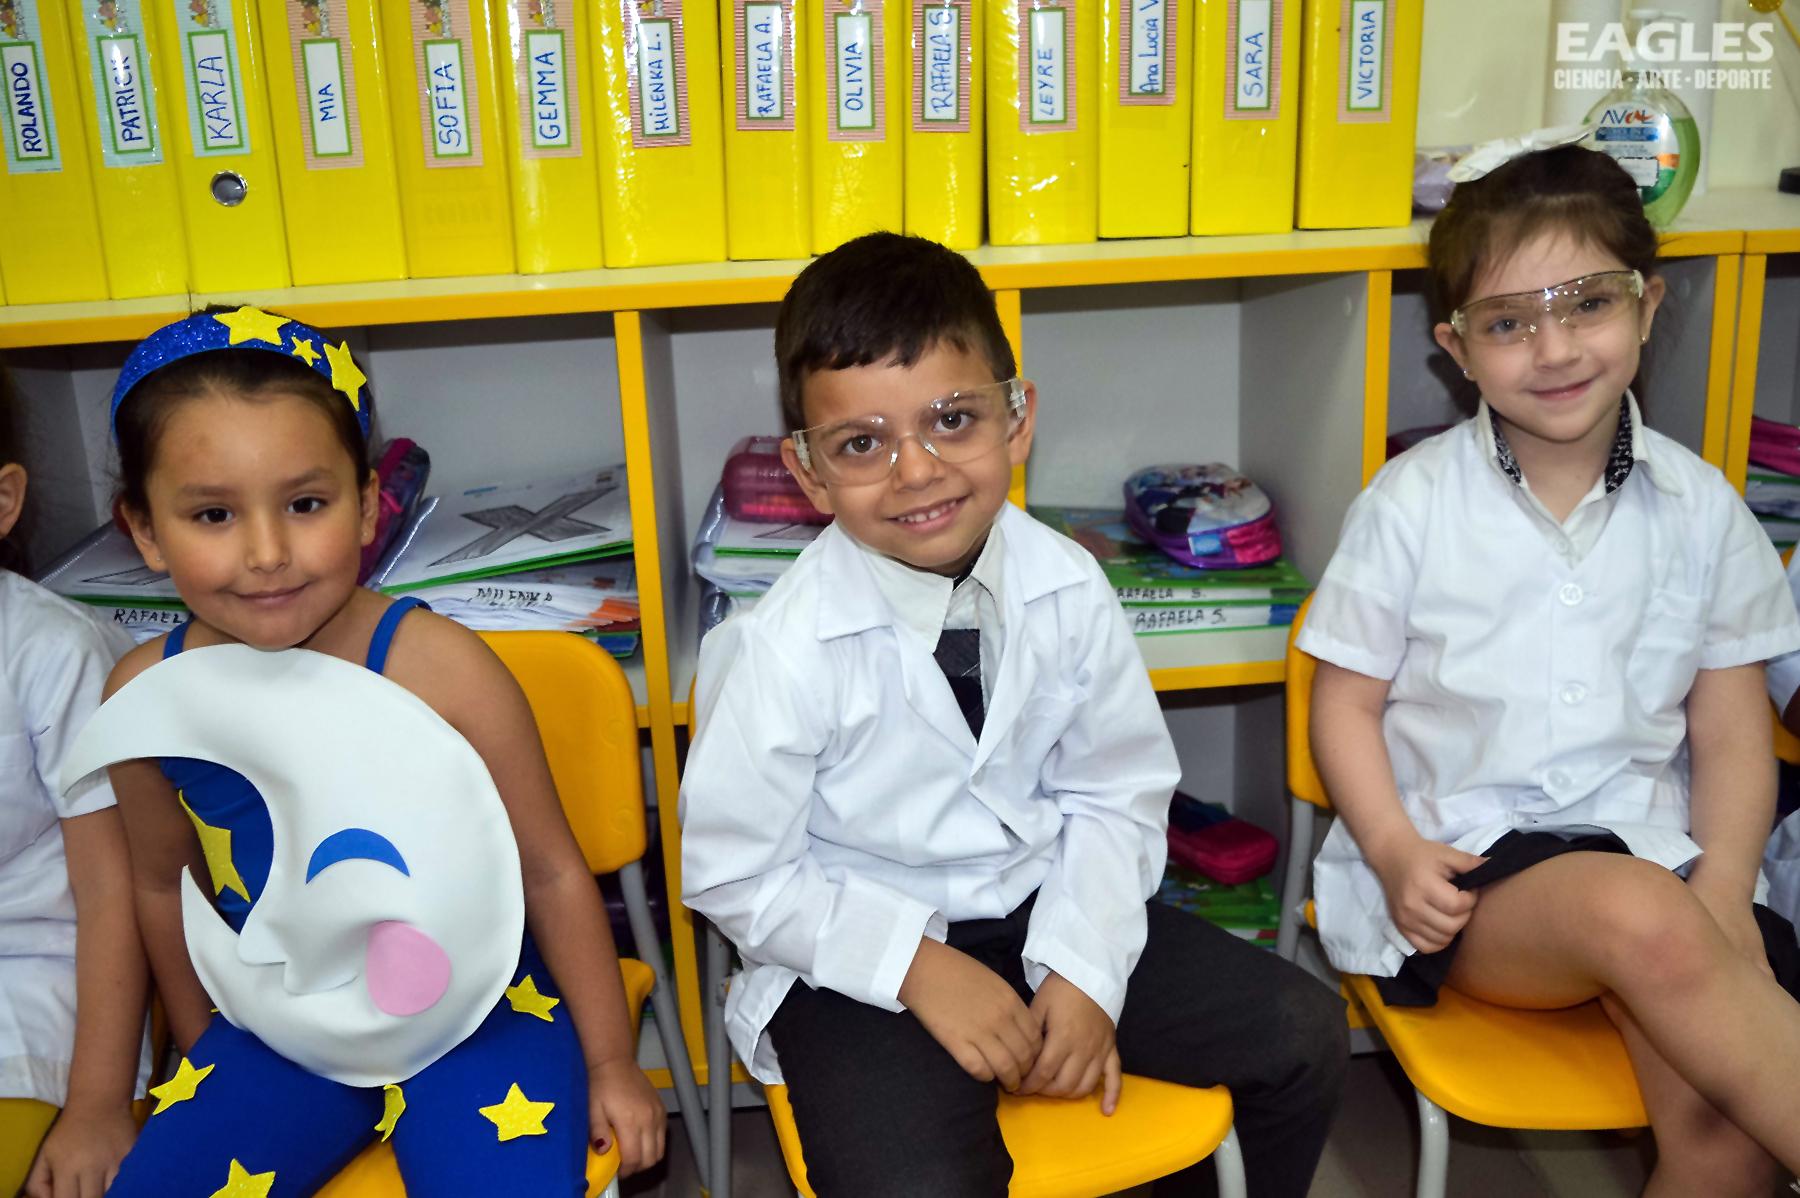 Eagles School pre escolar